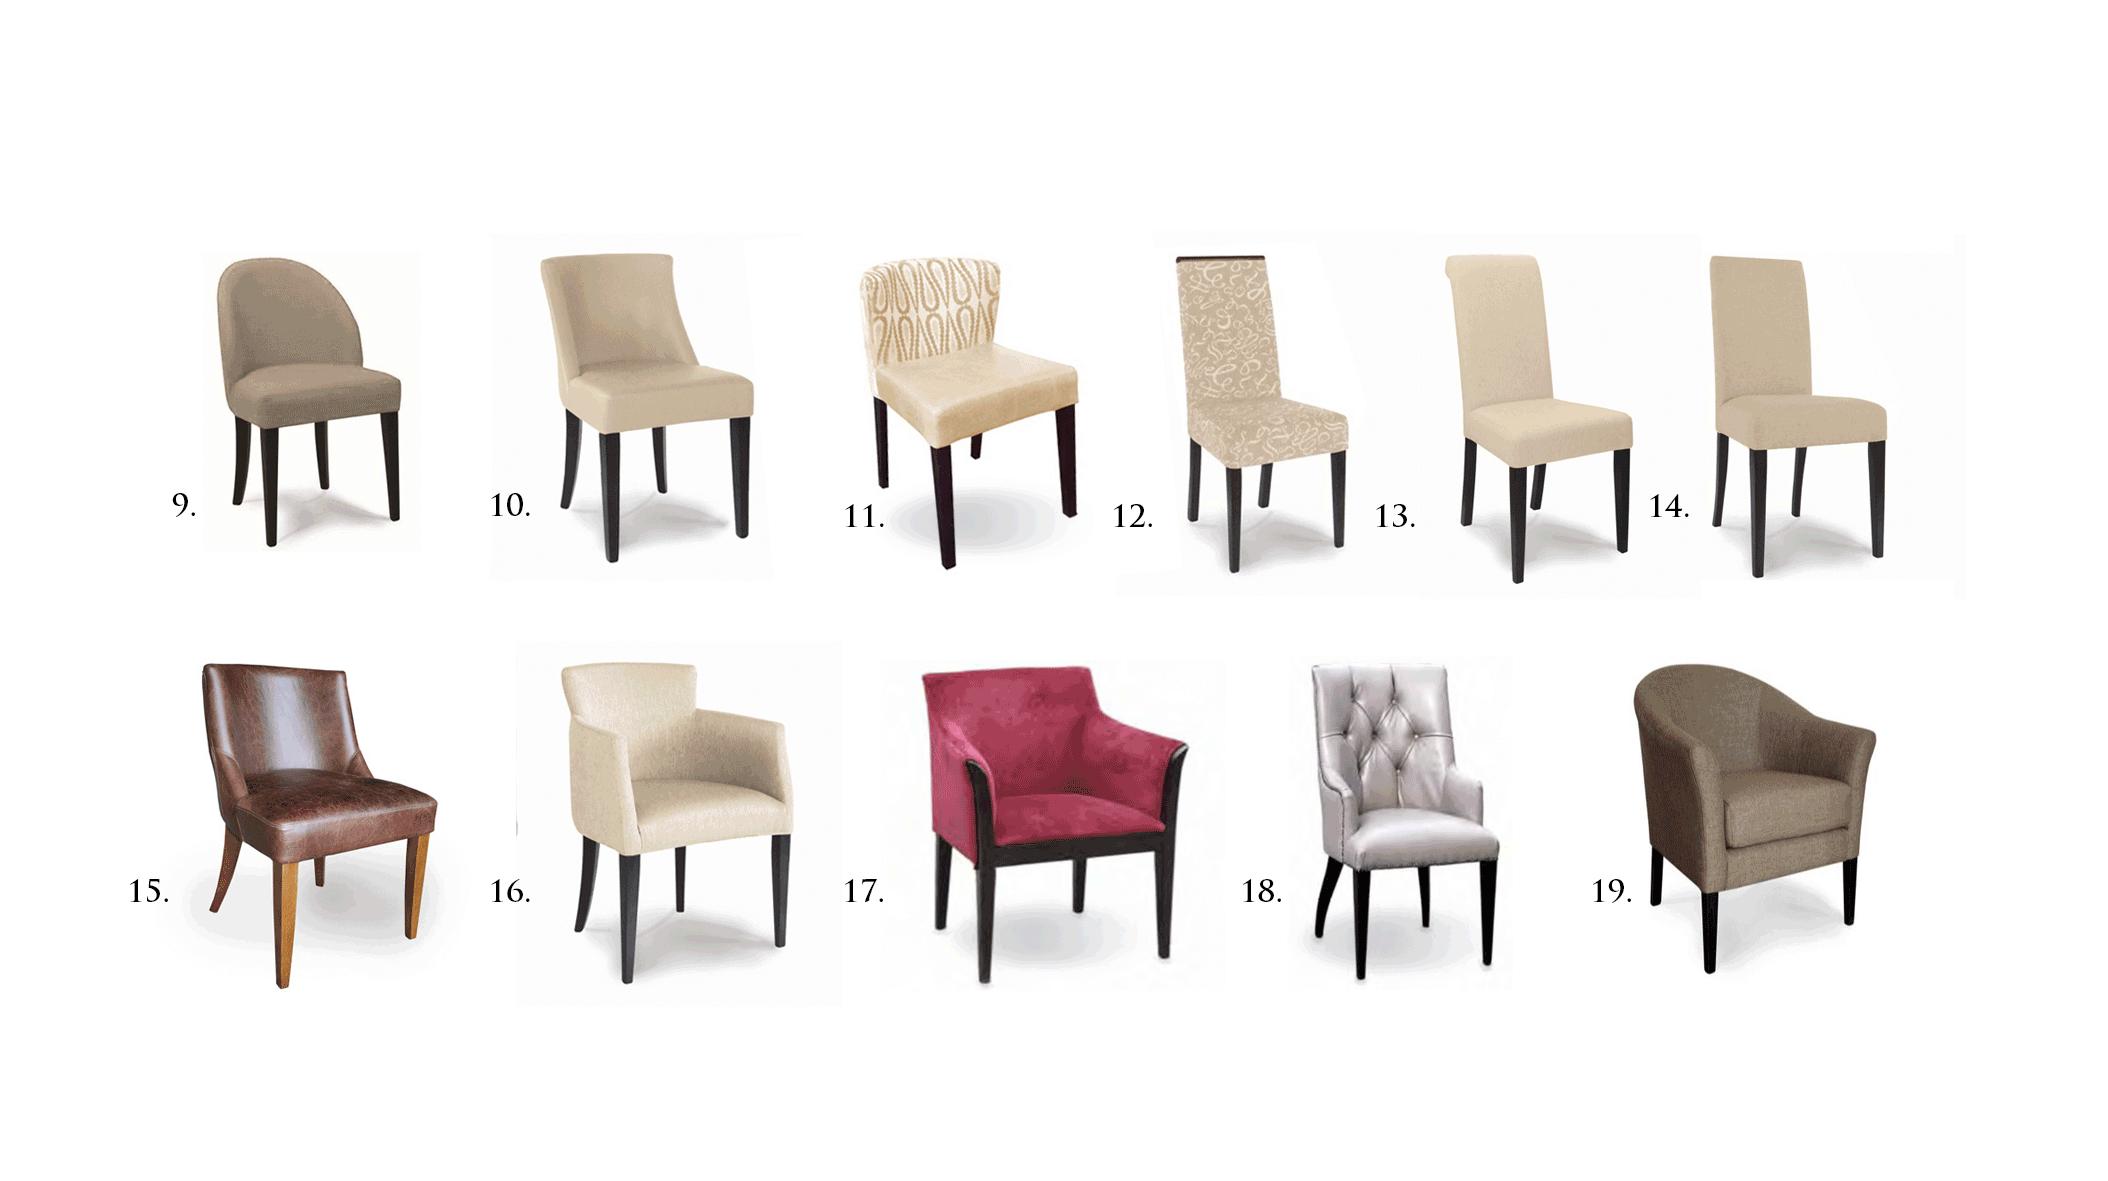 Delaneys-Outdoor-Furniture-Bespoke1-2108x1181.png